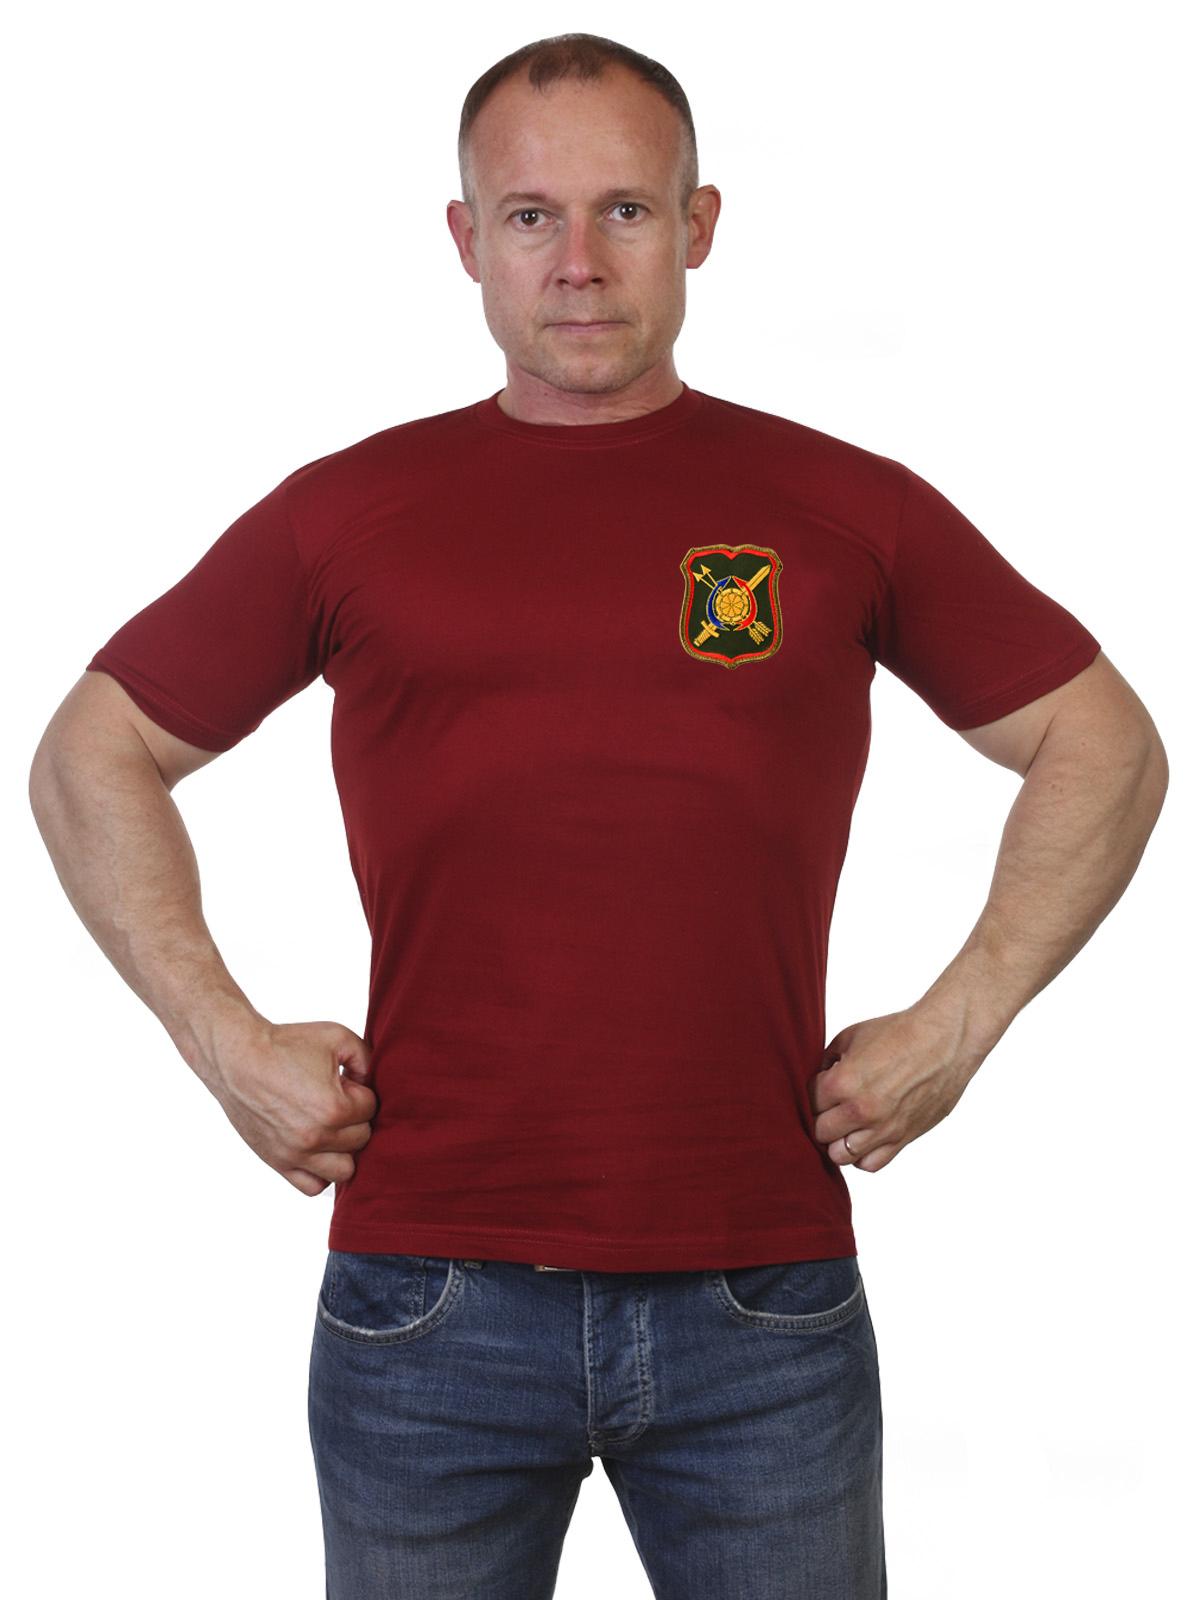 Краповая футболка 1231 Центра боевого управления РВСН